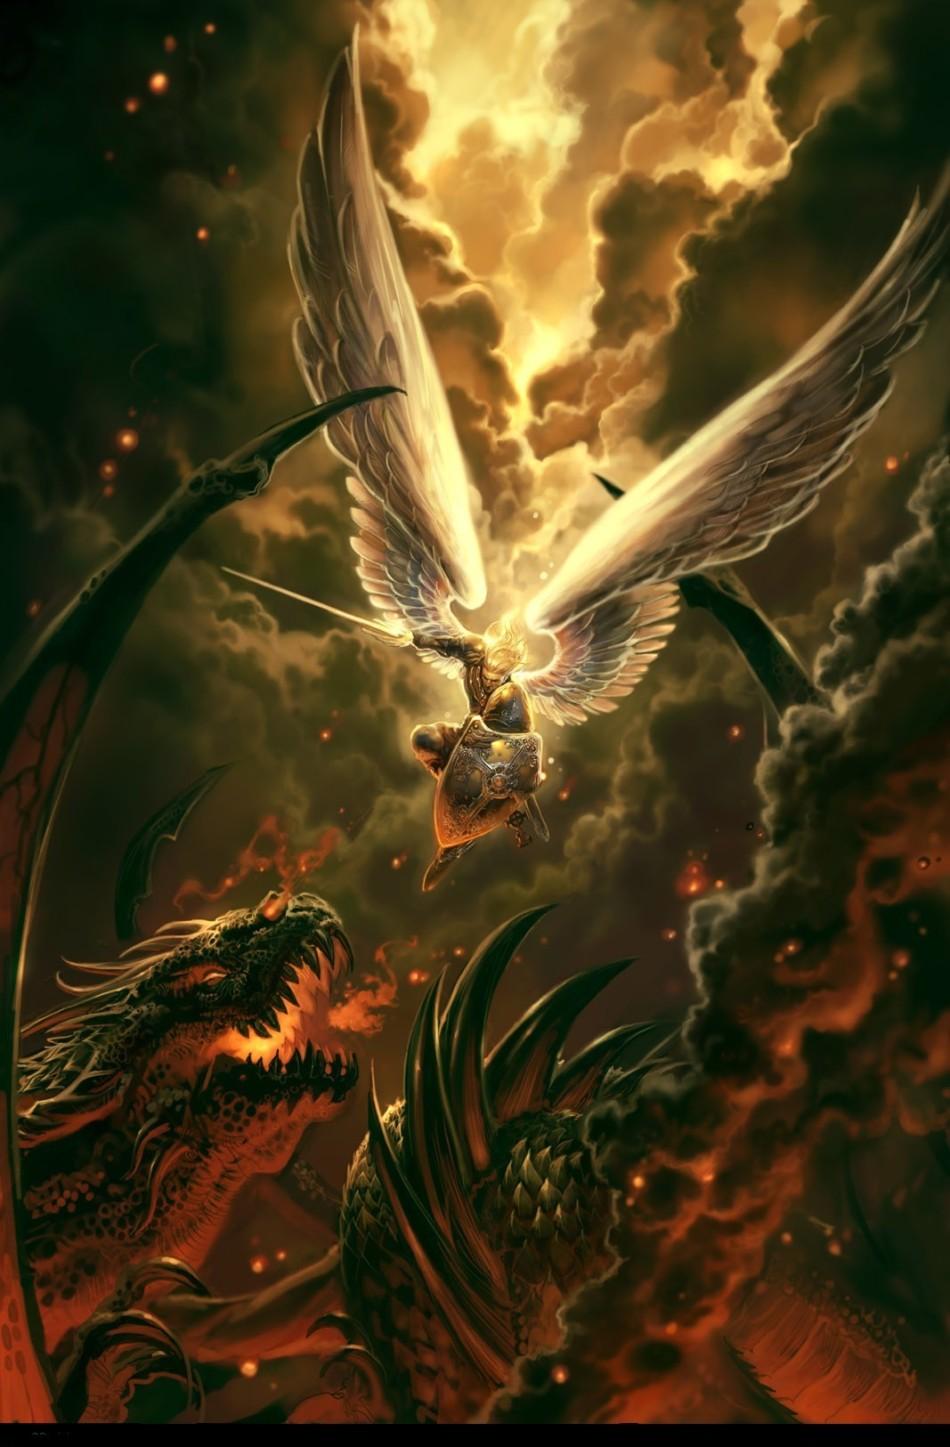 fallen angels | jimmyprophet